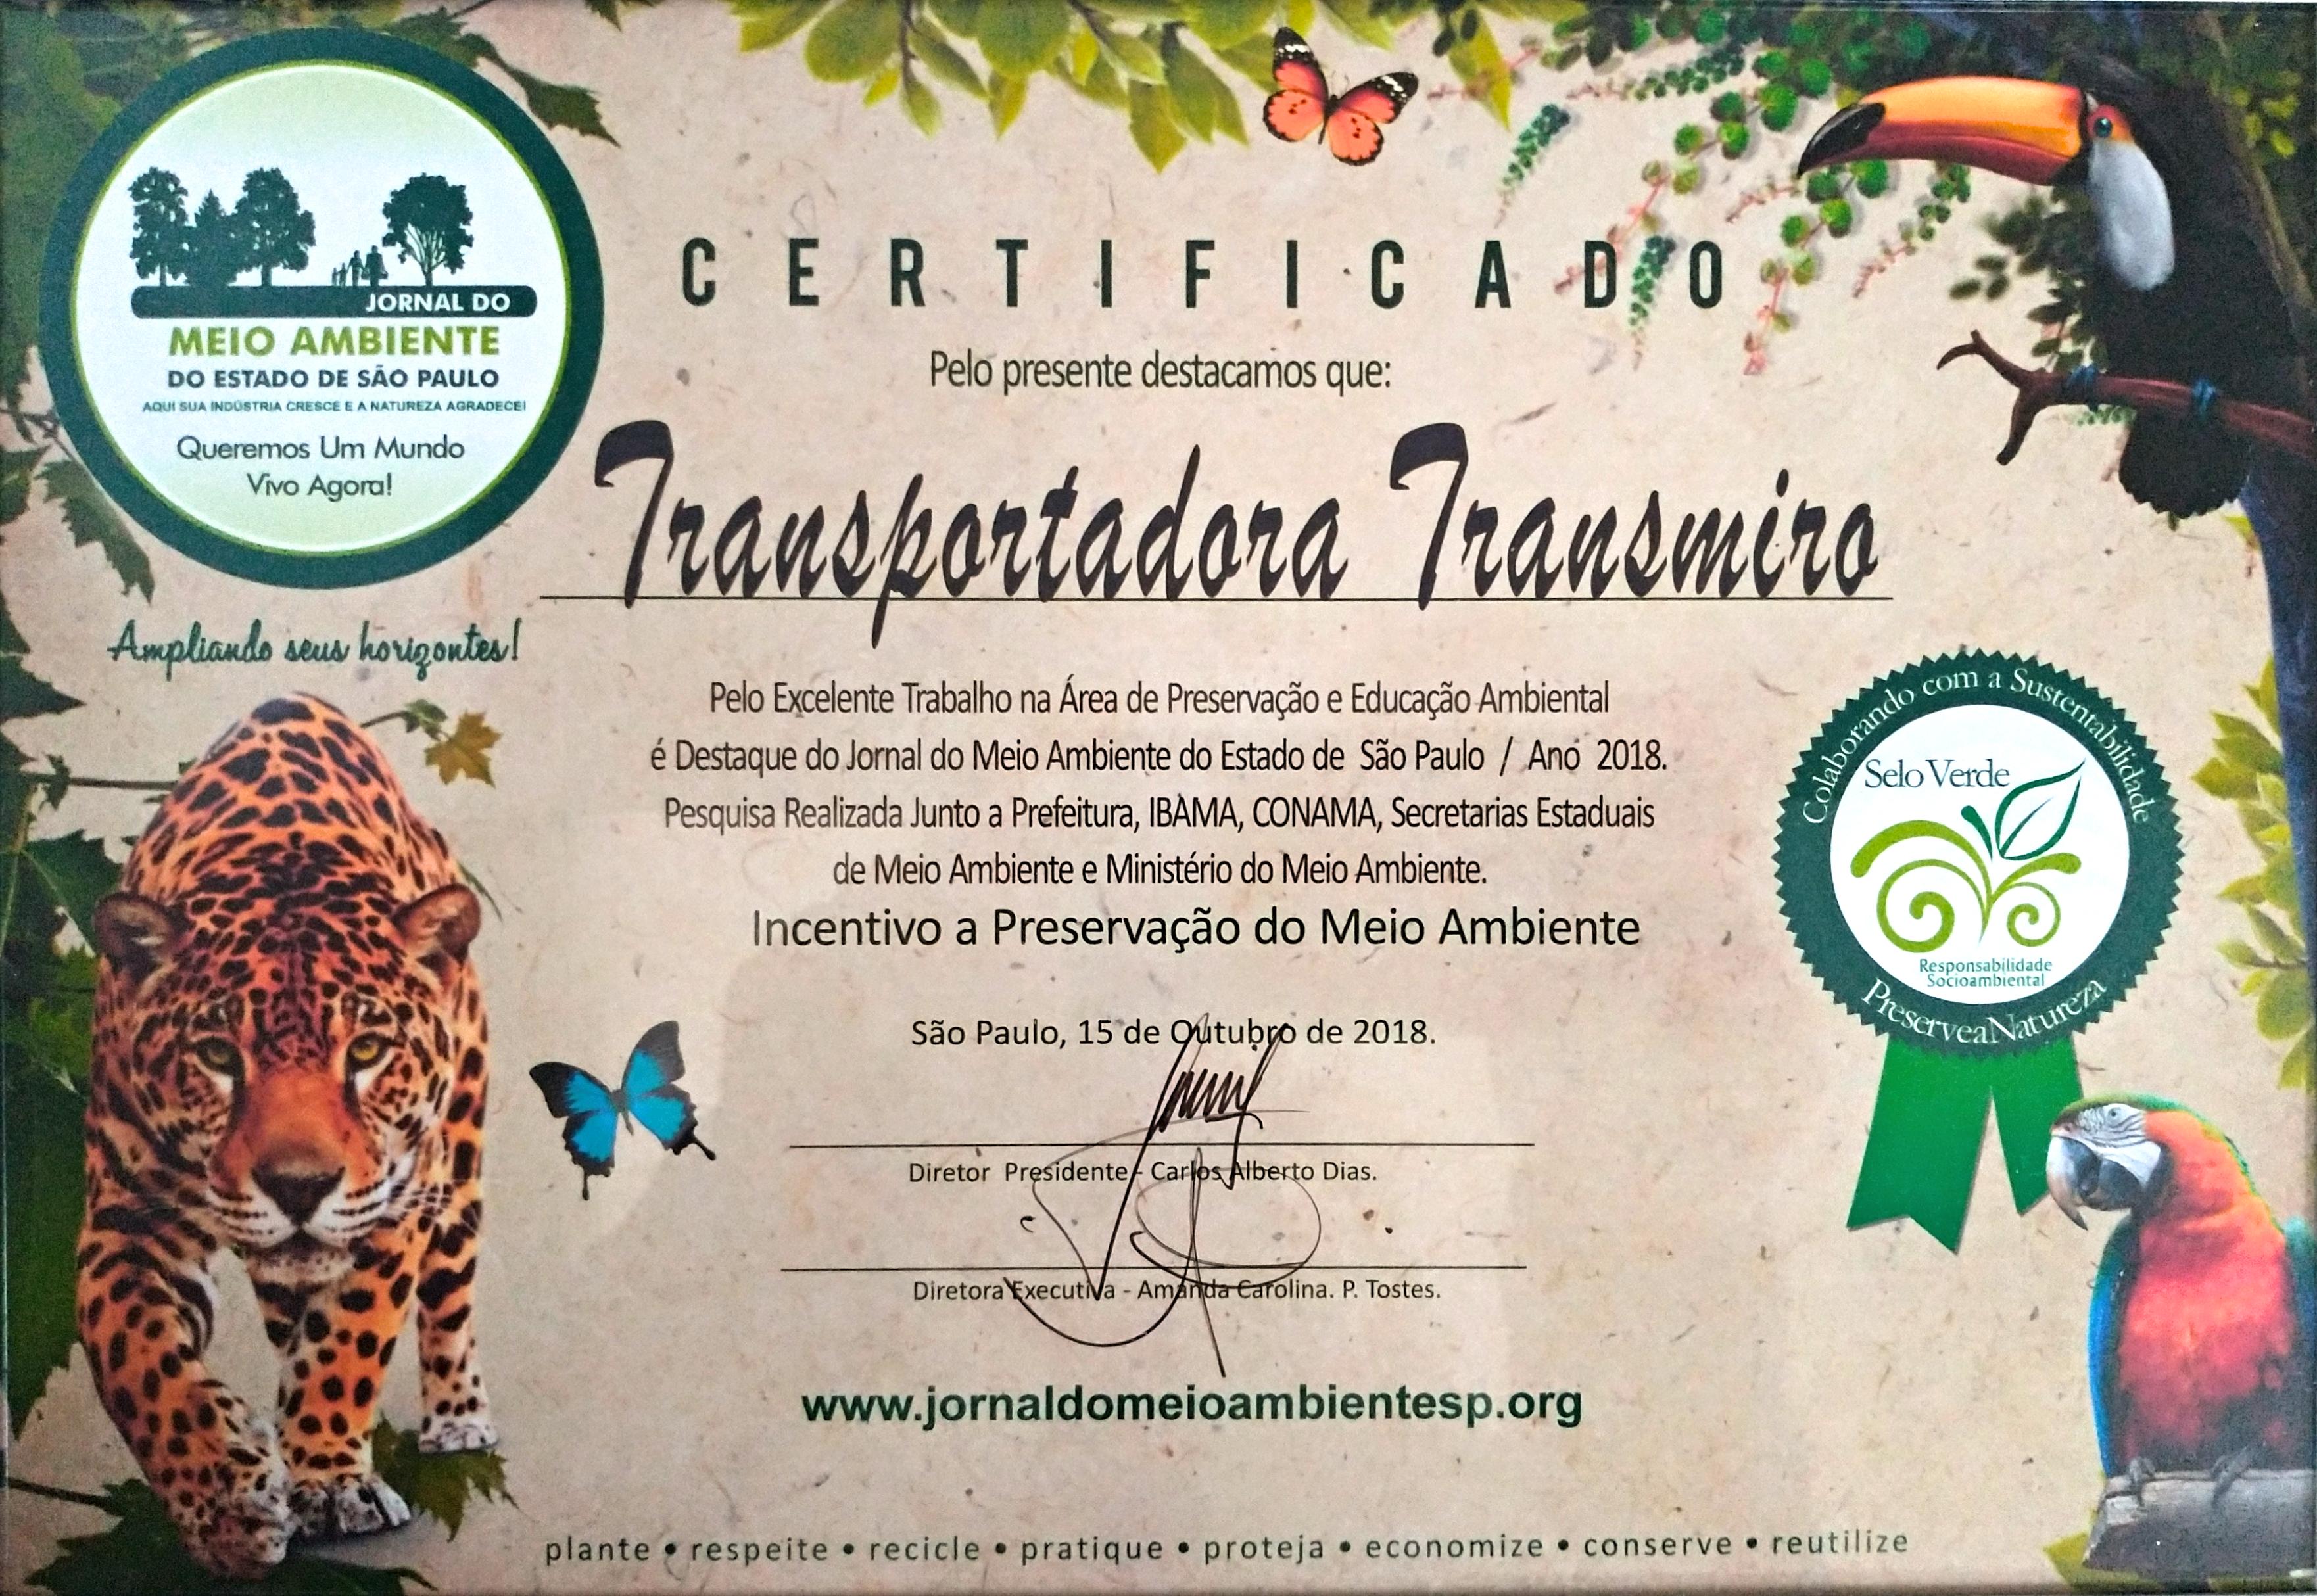 Certificado pelo Excelente Trabalho na Área de Preservação e Educação Ambiental